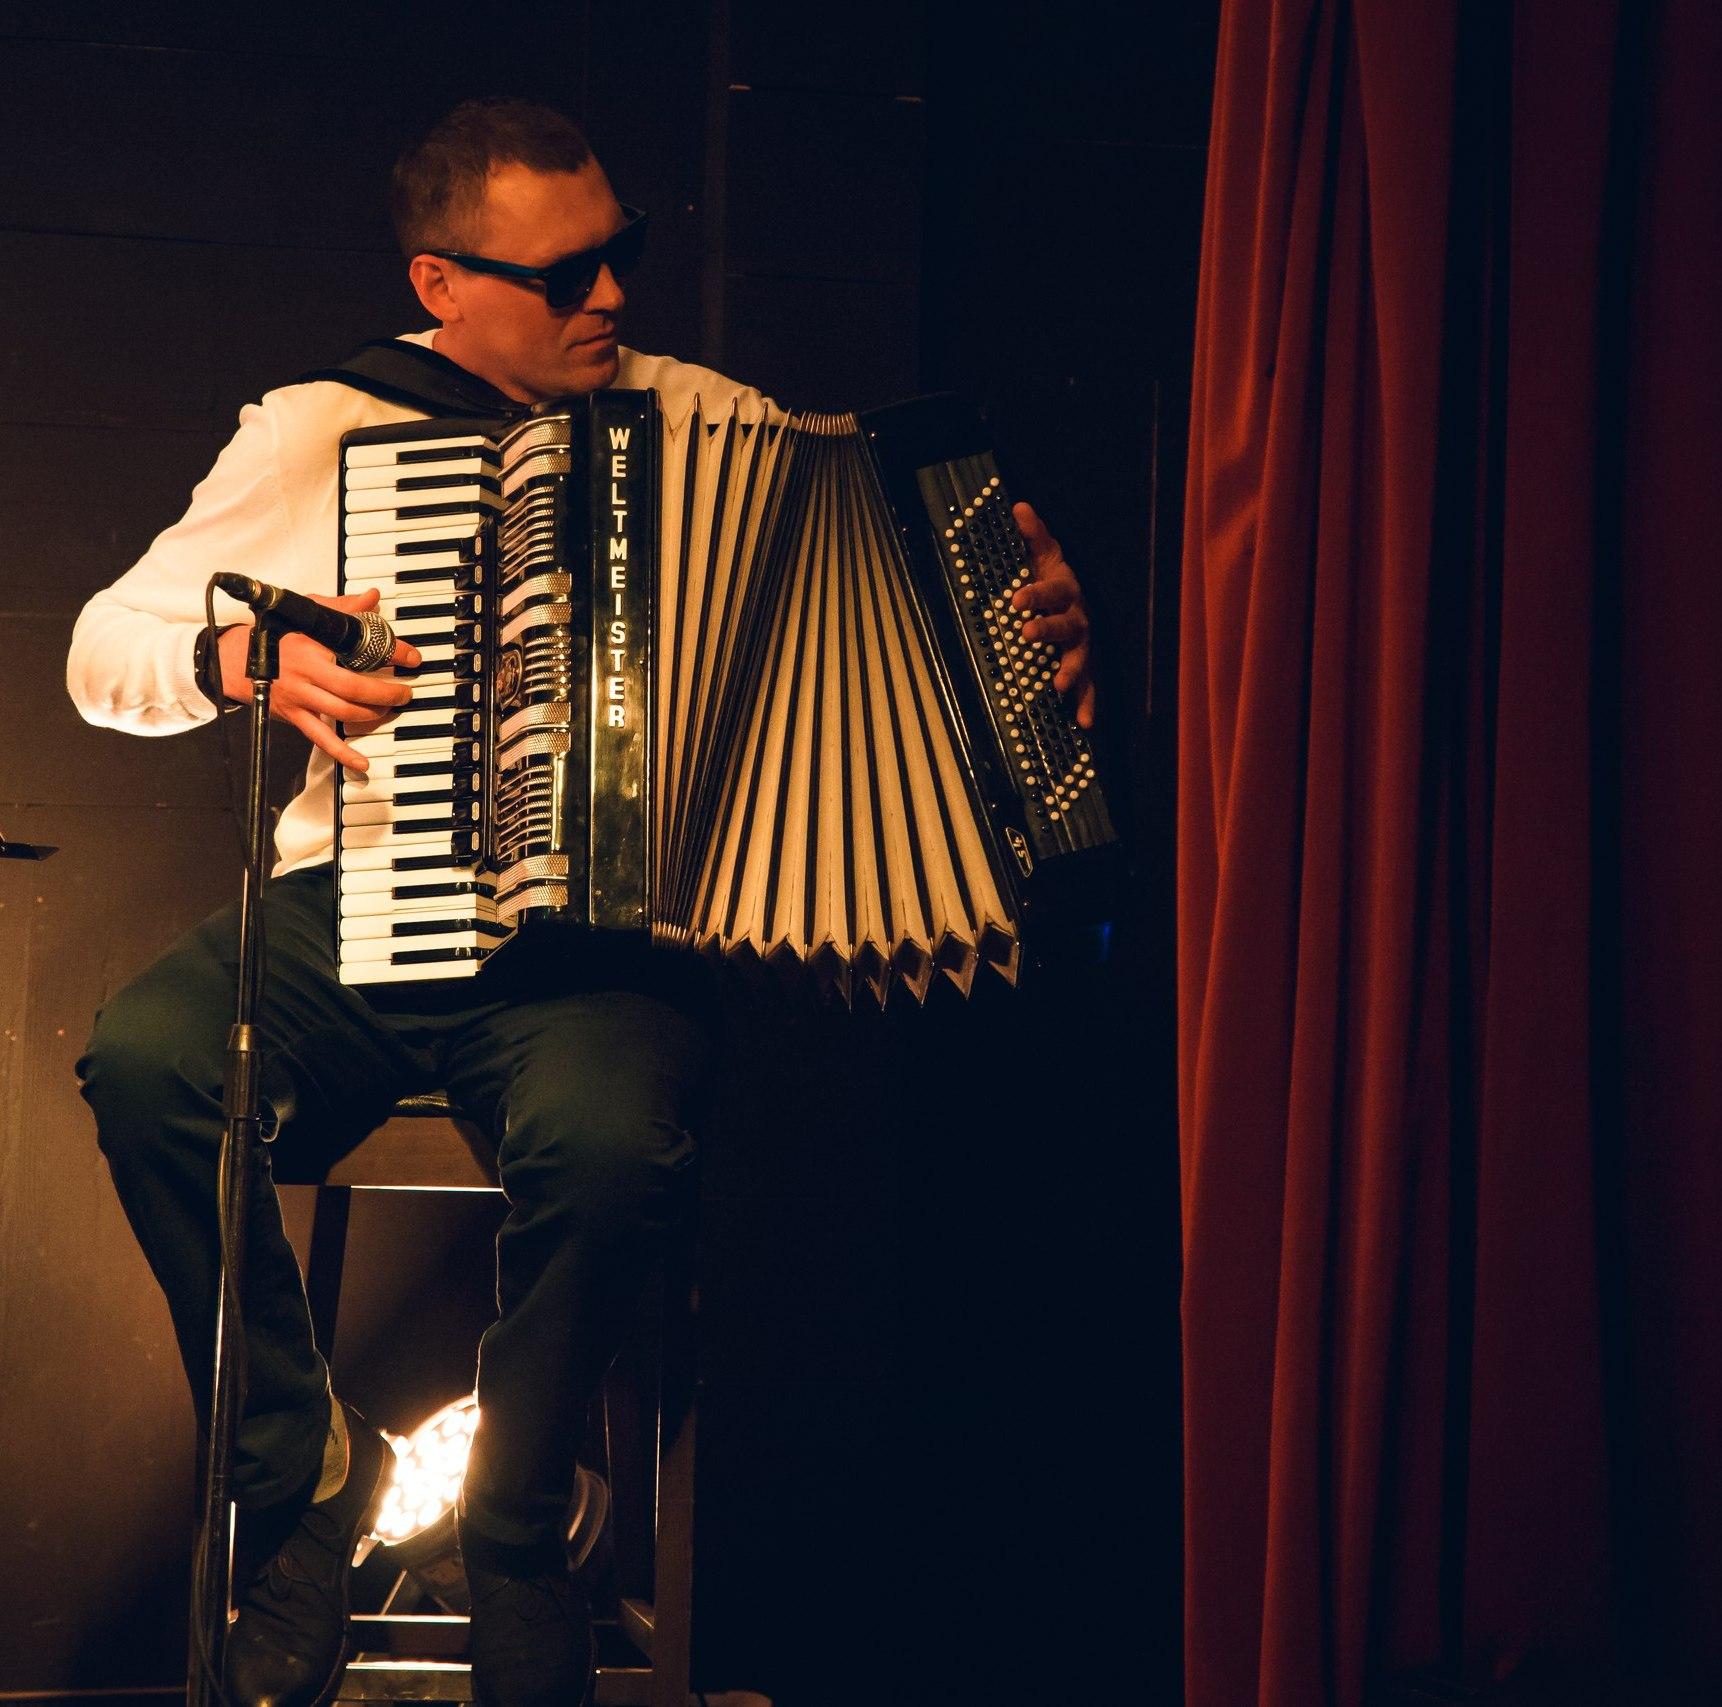 Алексей Згама аккордеонист в Калининграде8